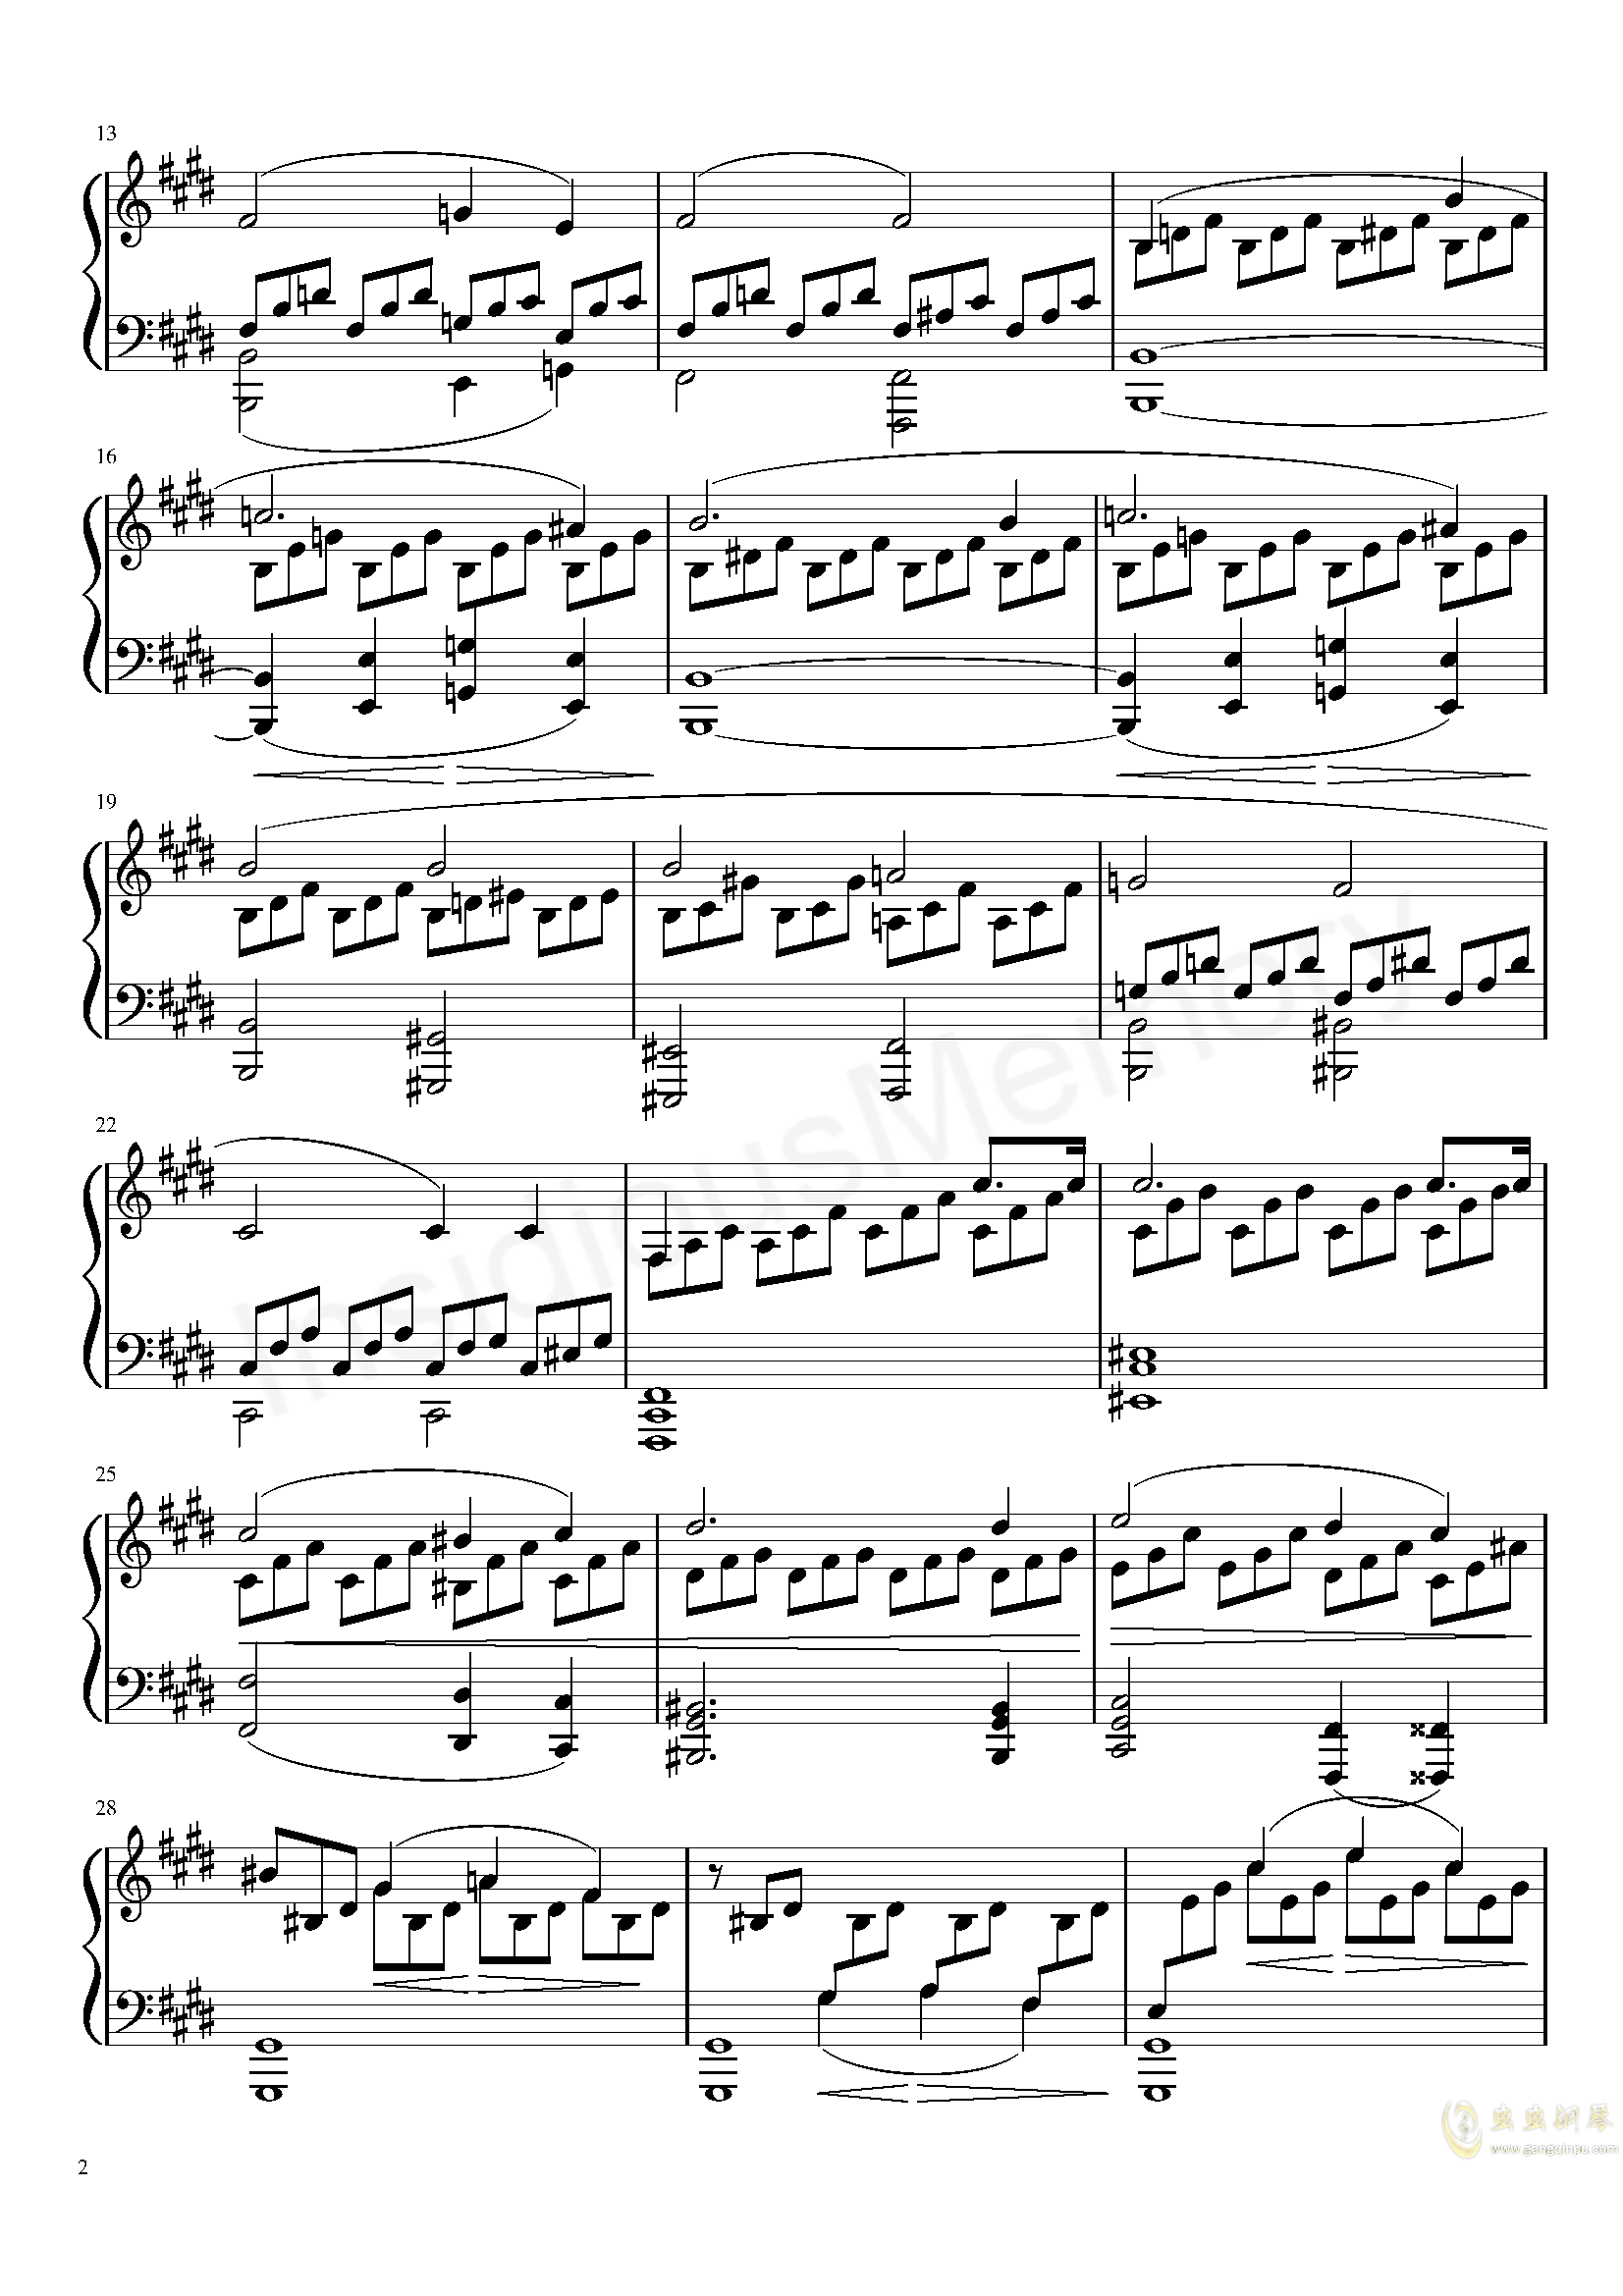 月光奏鸣曲钢琴谱 第2页